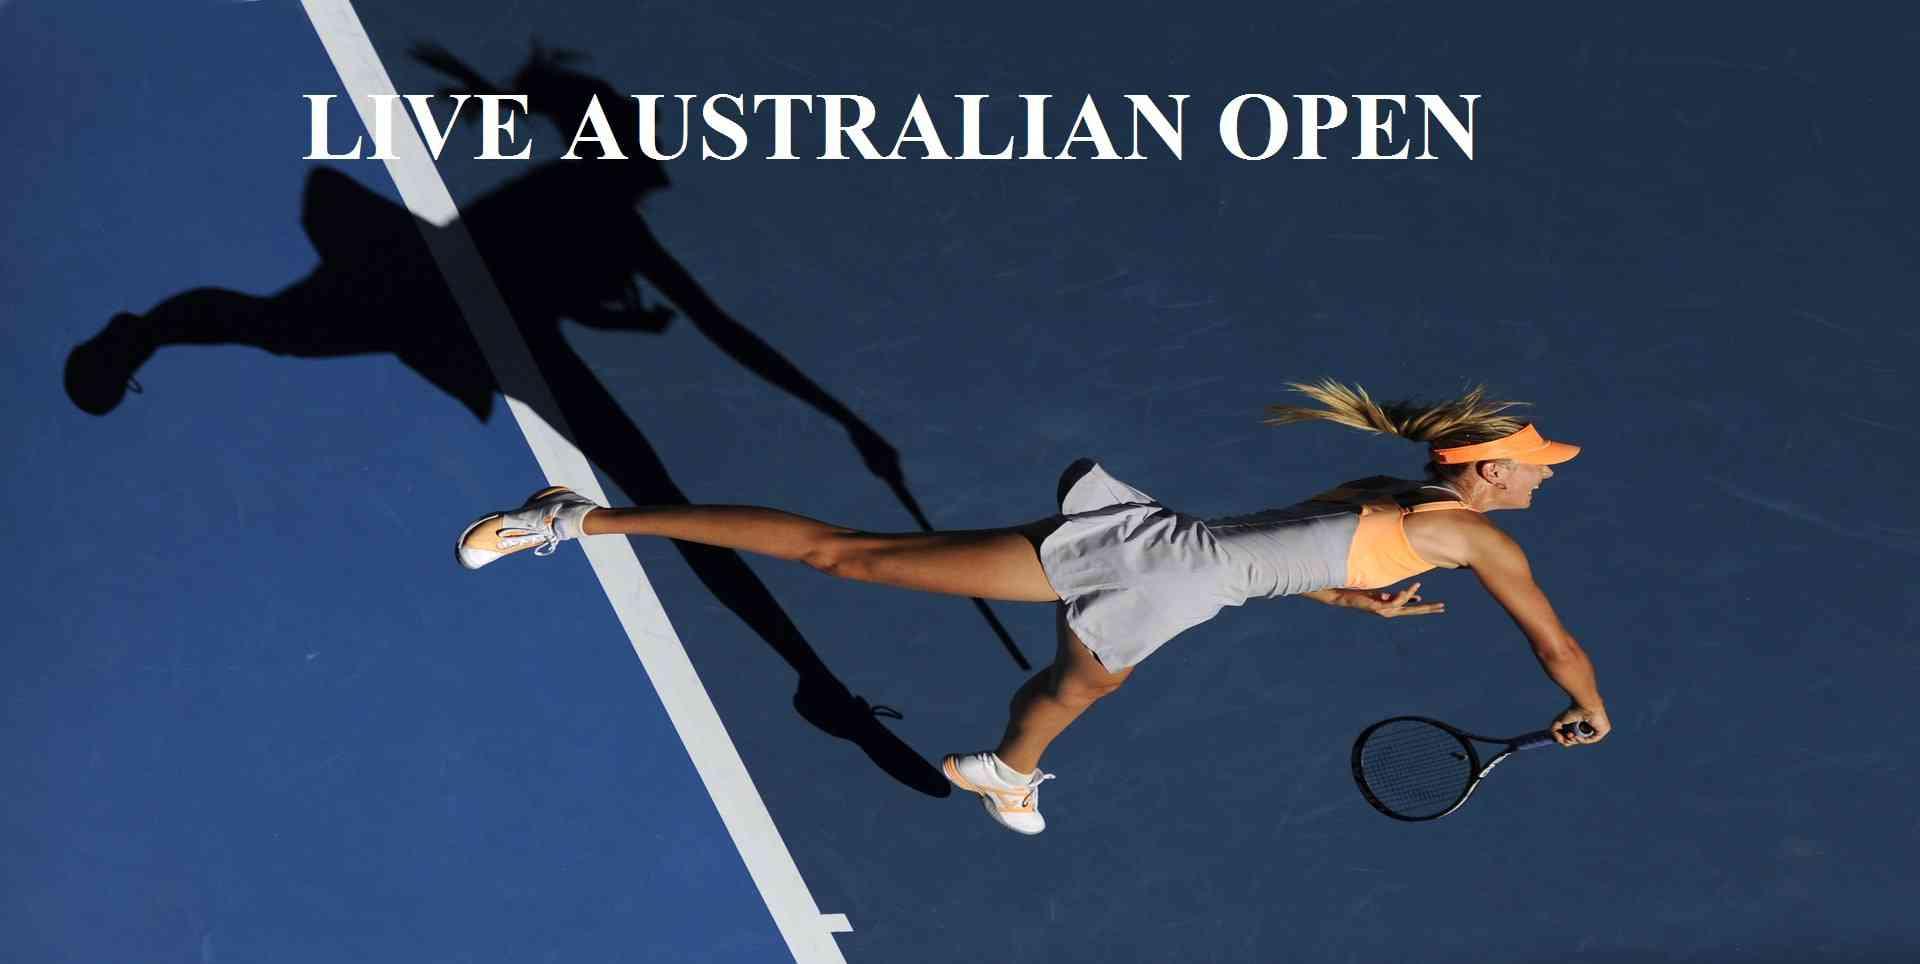 2017 Australian Open Tennis Entry List